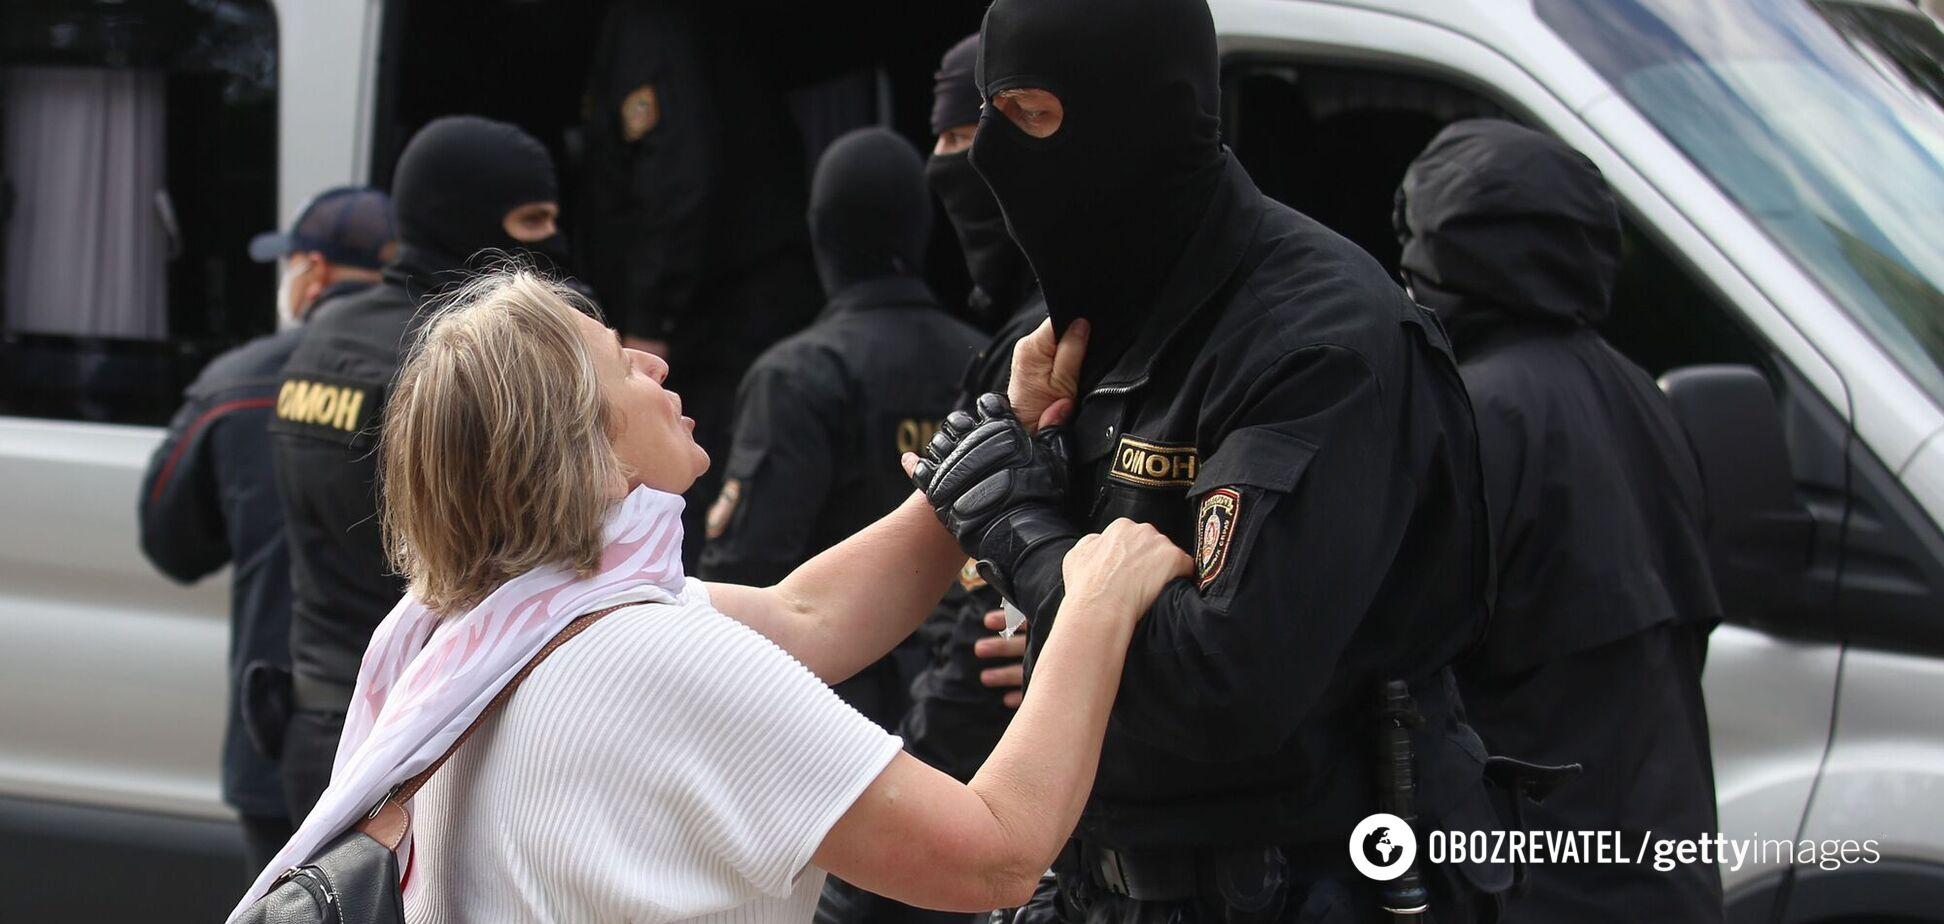 У Білорусі пенсіонерку 5 днів катували за коментар у соцмережах, – журналіст